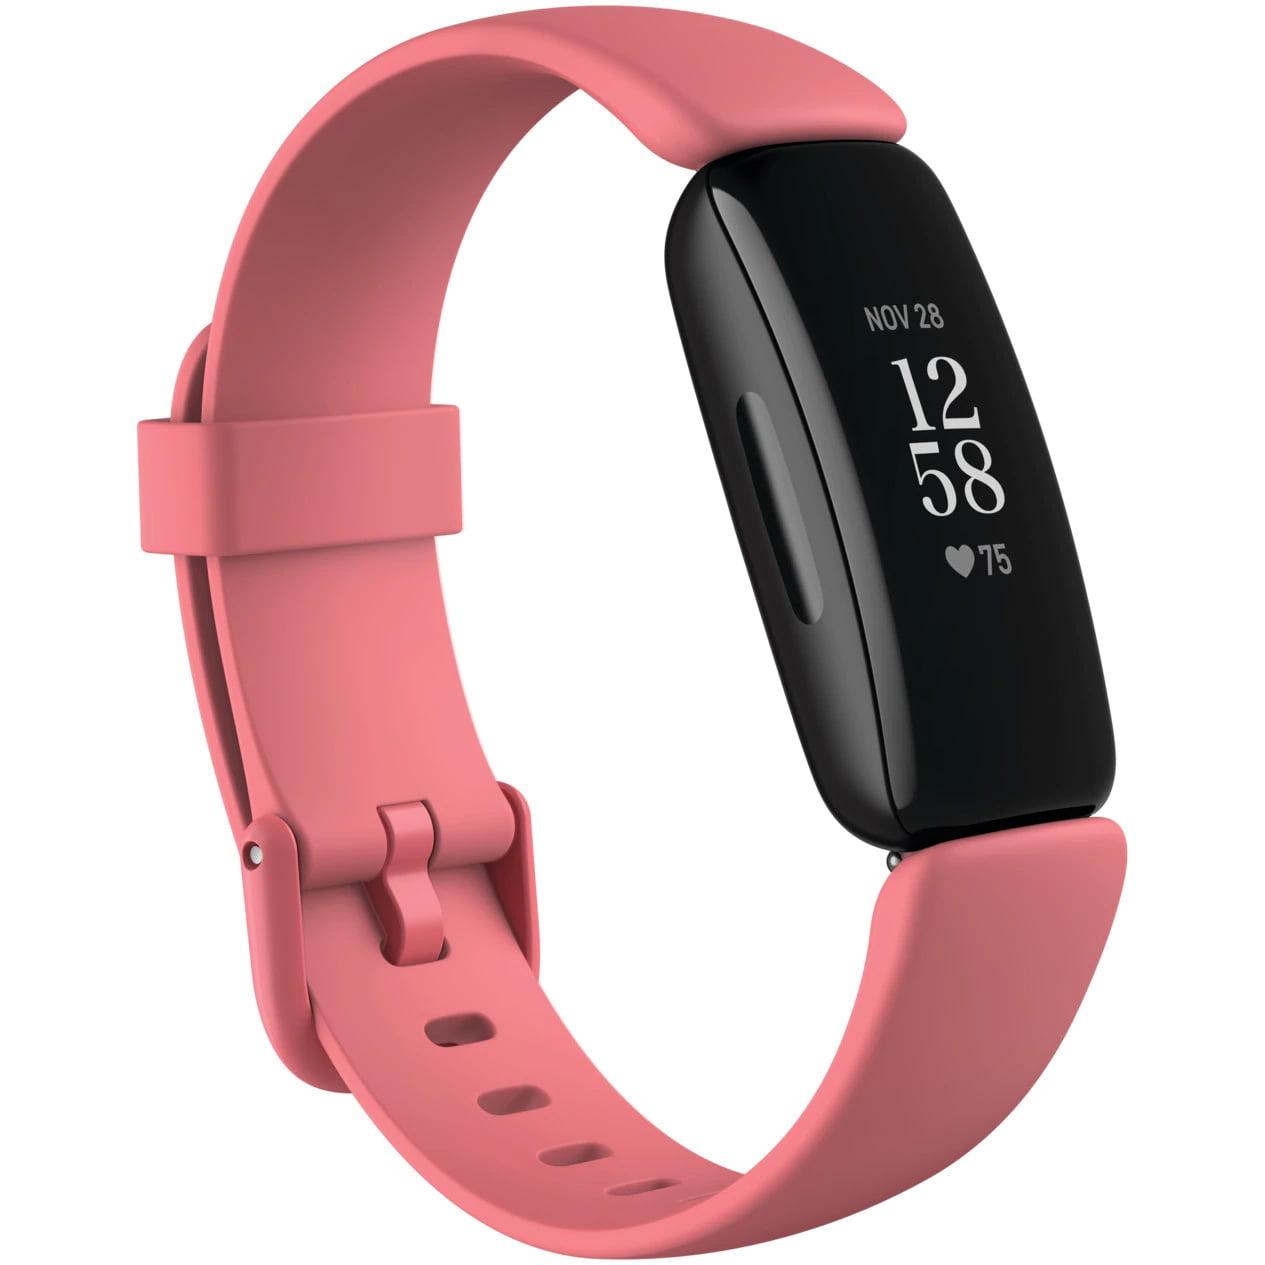 Bratara fitness Fitbit Inspire 2, Silicon, Black Aluminum, Desert Rose